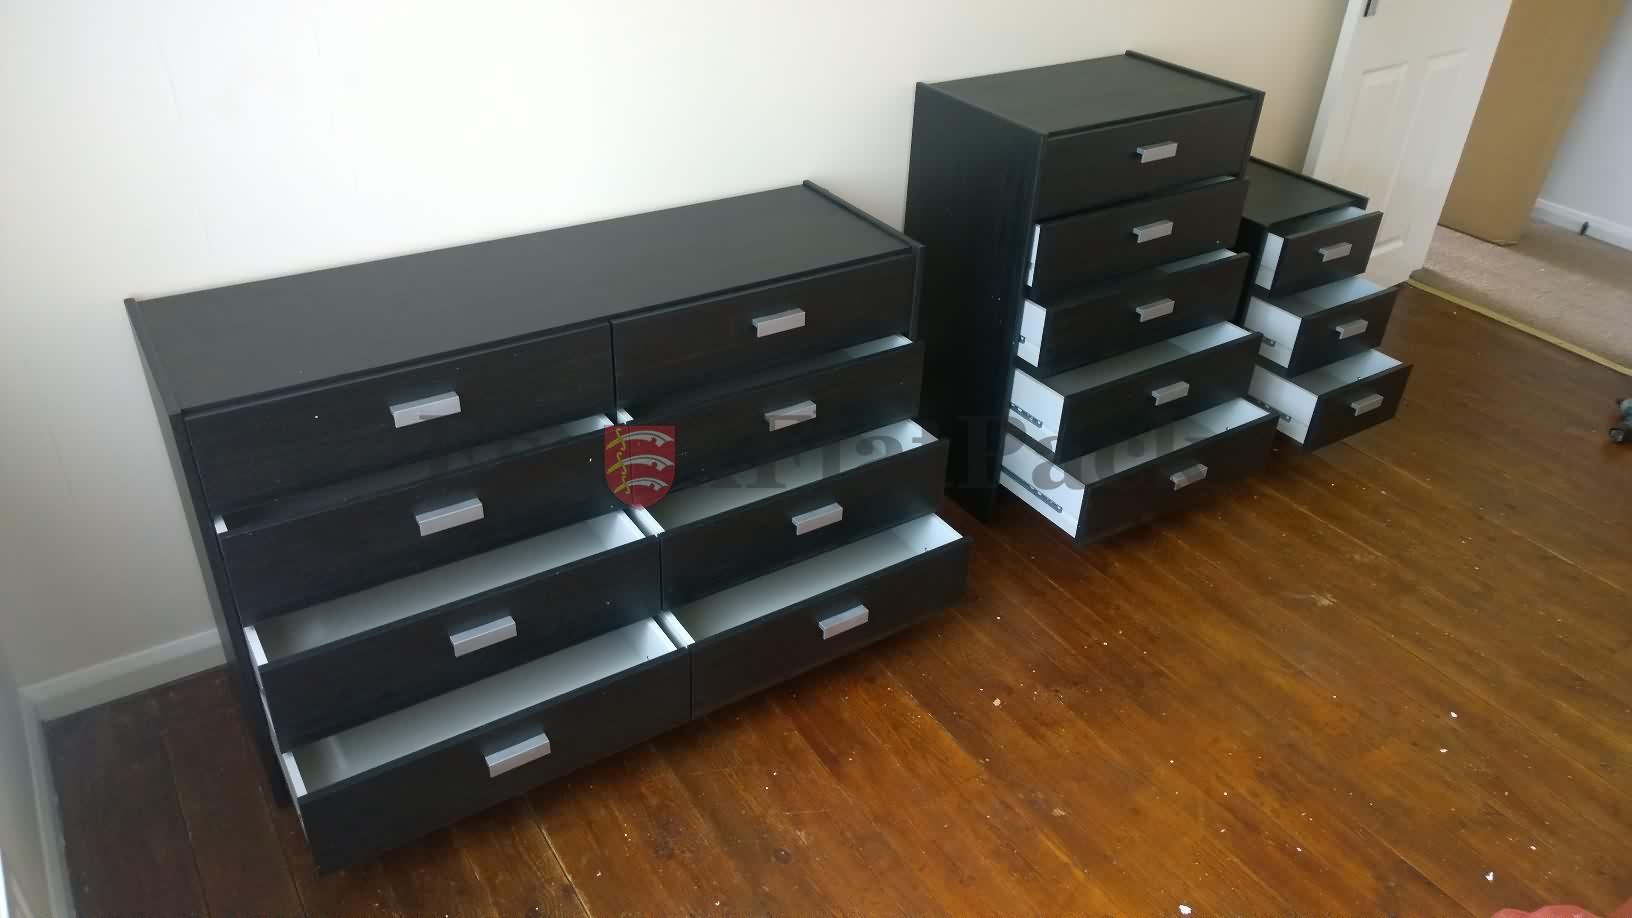 flat pack furniture. Essexflatpack-furniture-20170812095953.jpg Flat Pack Furniture